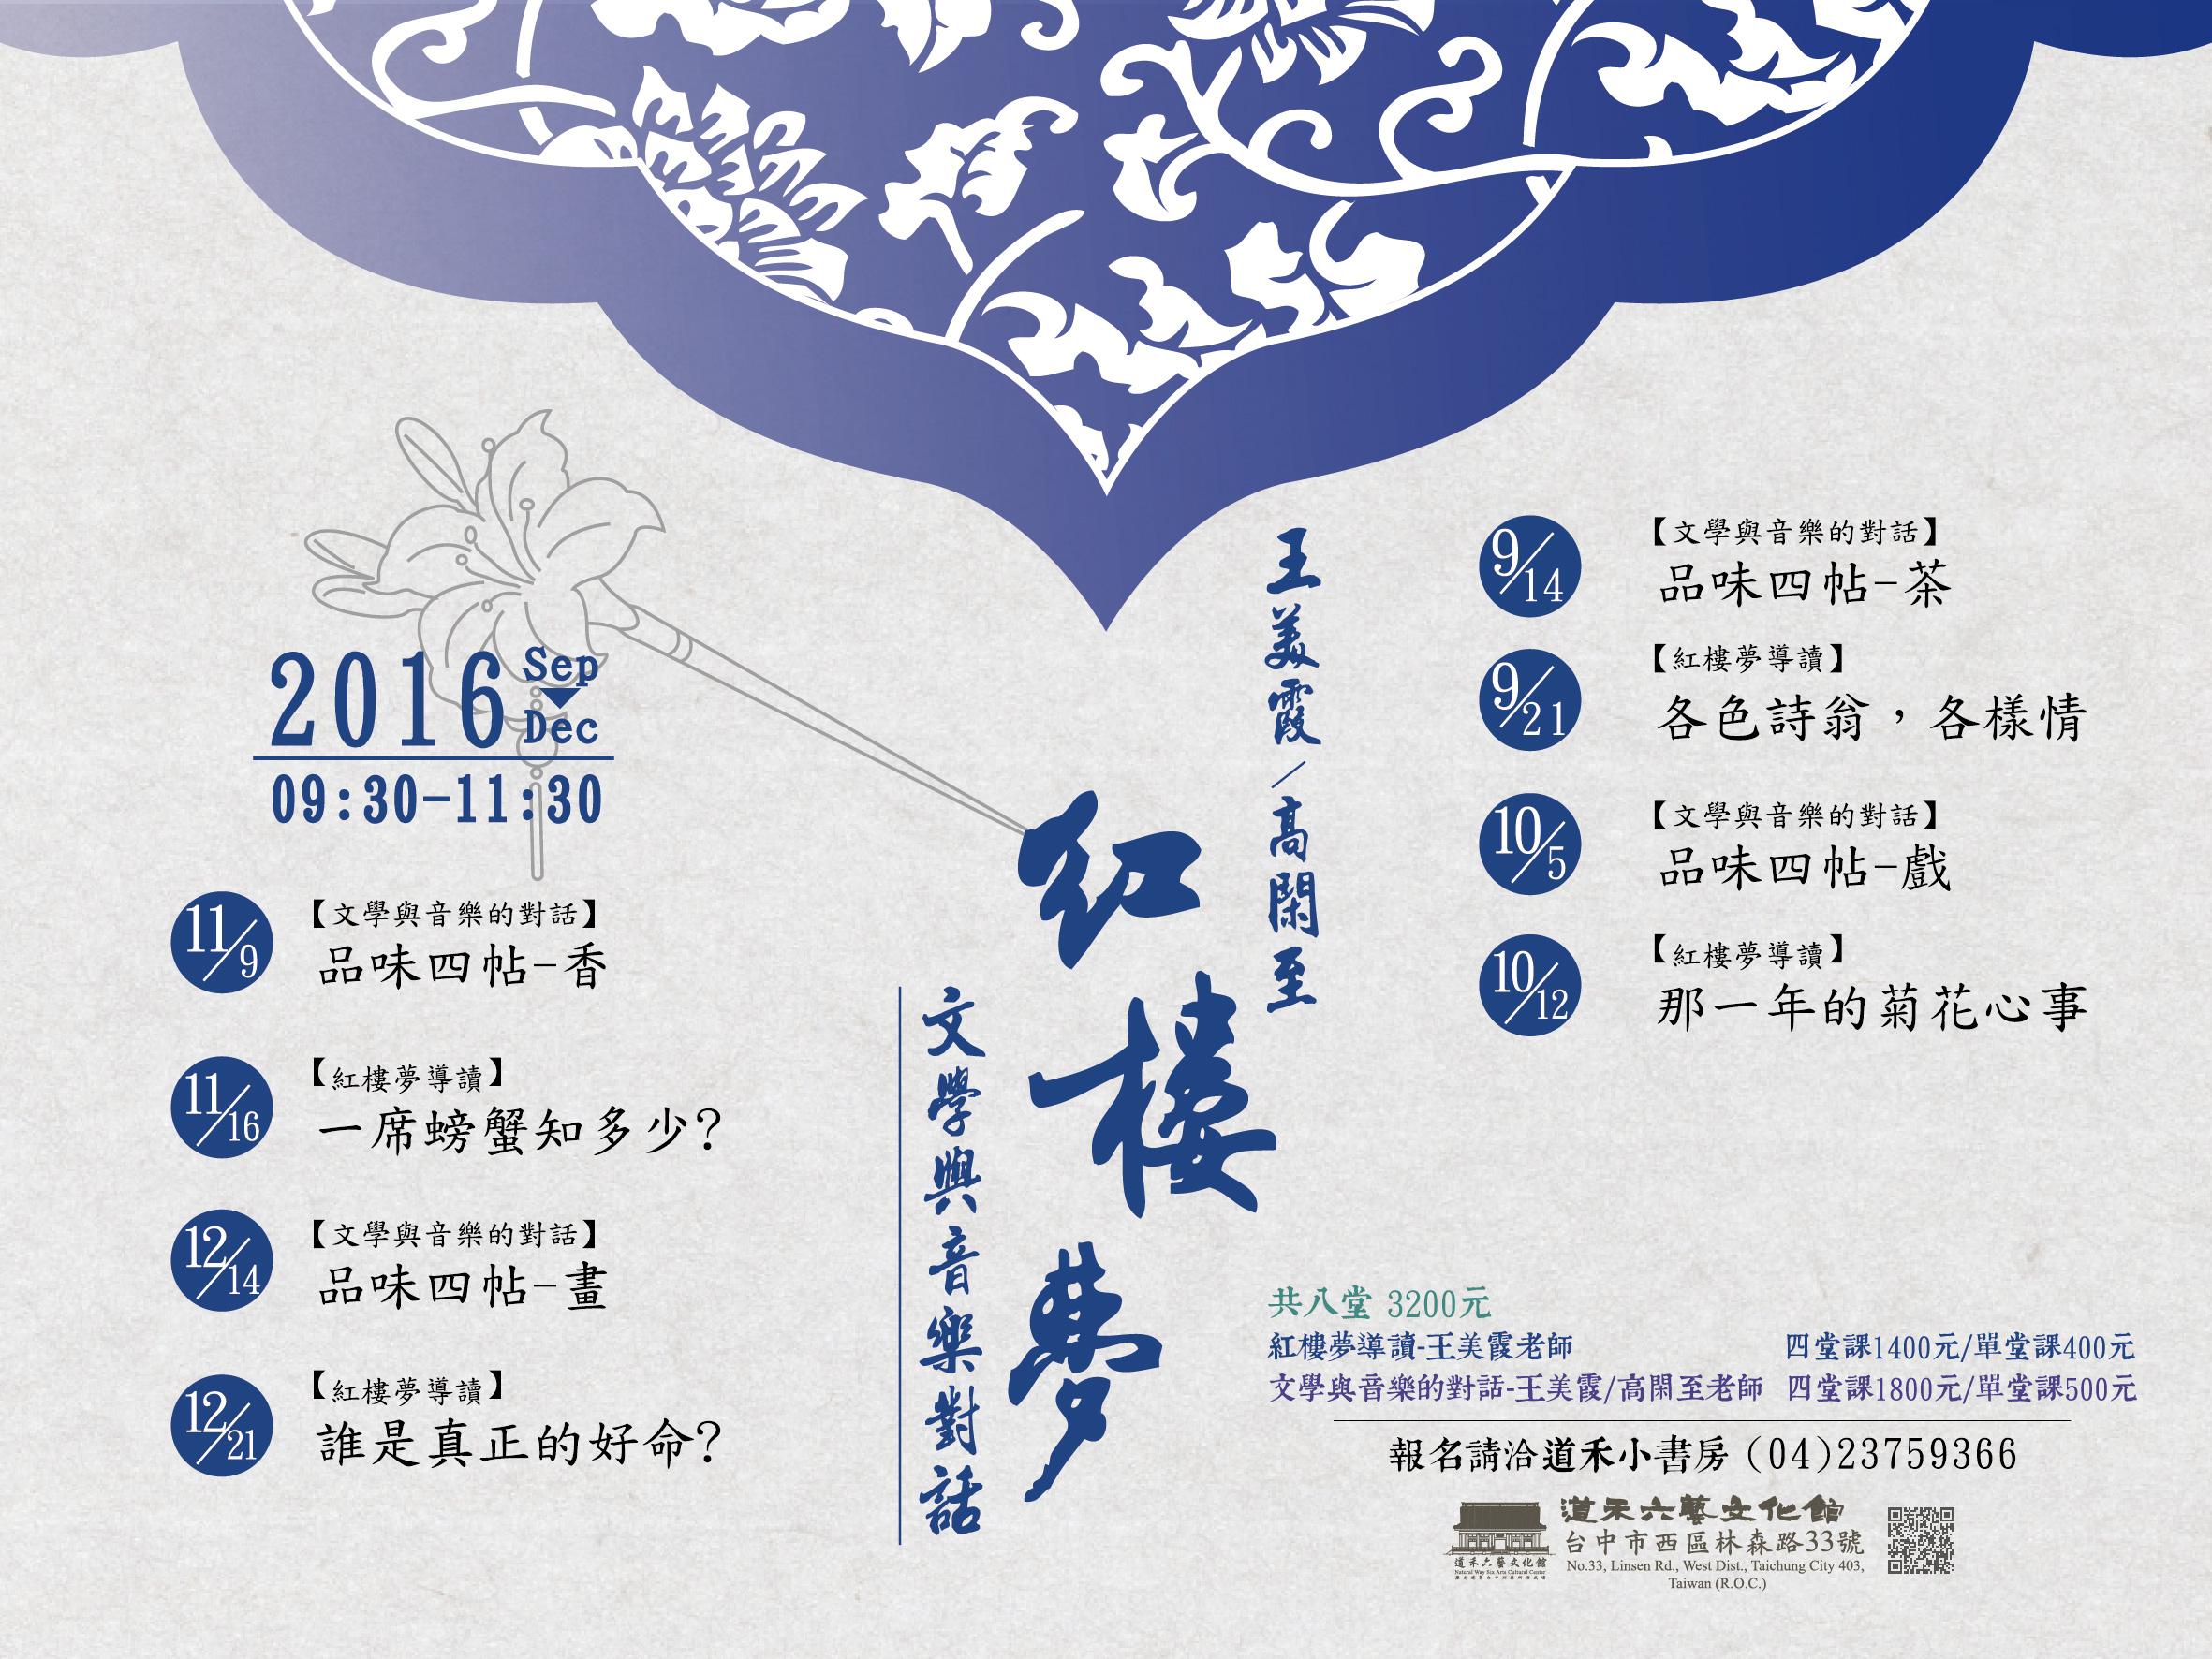 紅樓夢-王美霞講座(網路板)-01